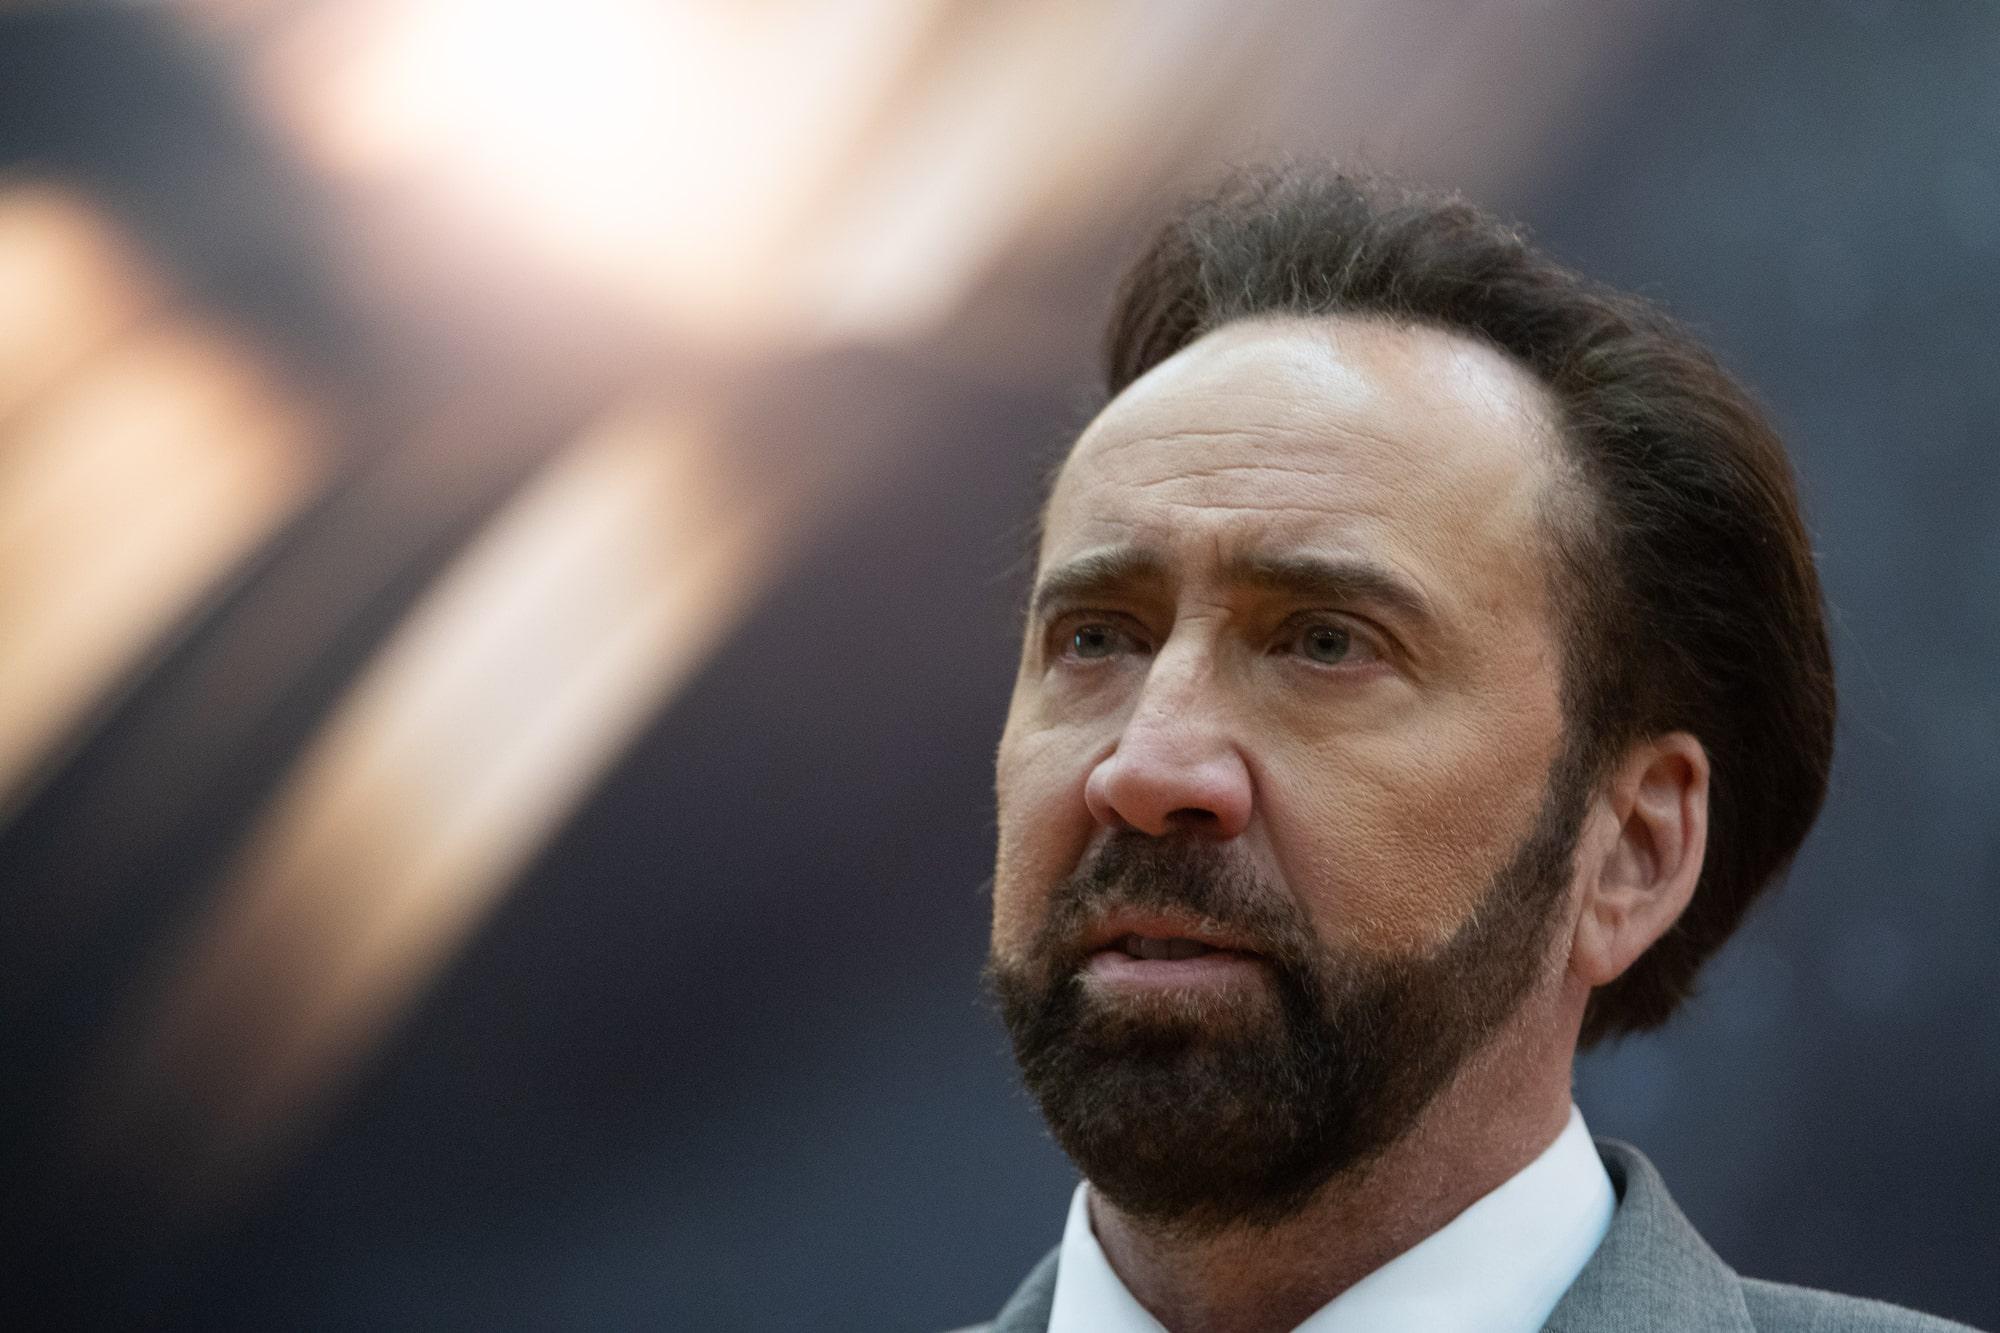 Режиссер сиквела «Без лица» рассказал, как он намерен вернуть к жизни героя Николаса Кейджа